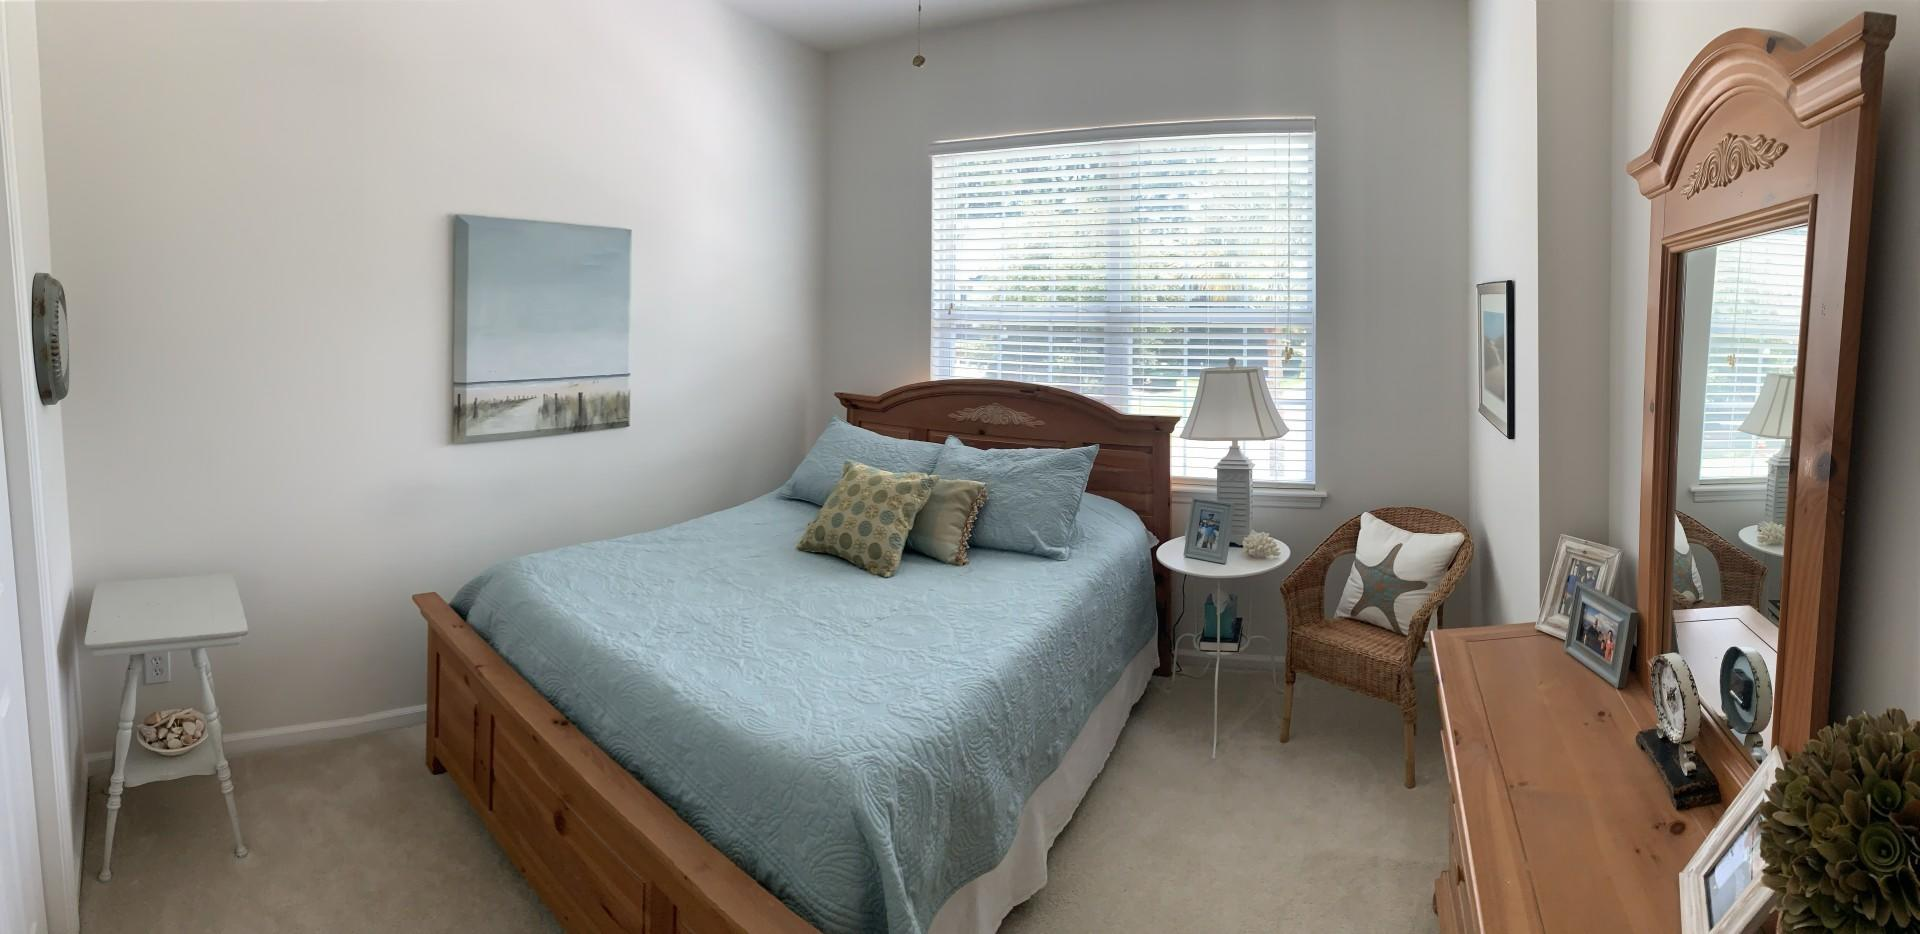 Park West Homes For Sale - 2455 Draymohr, Mount Pleasant, SC - 3